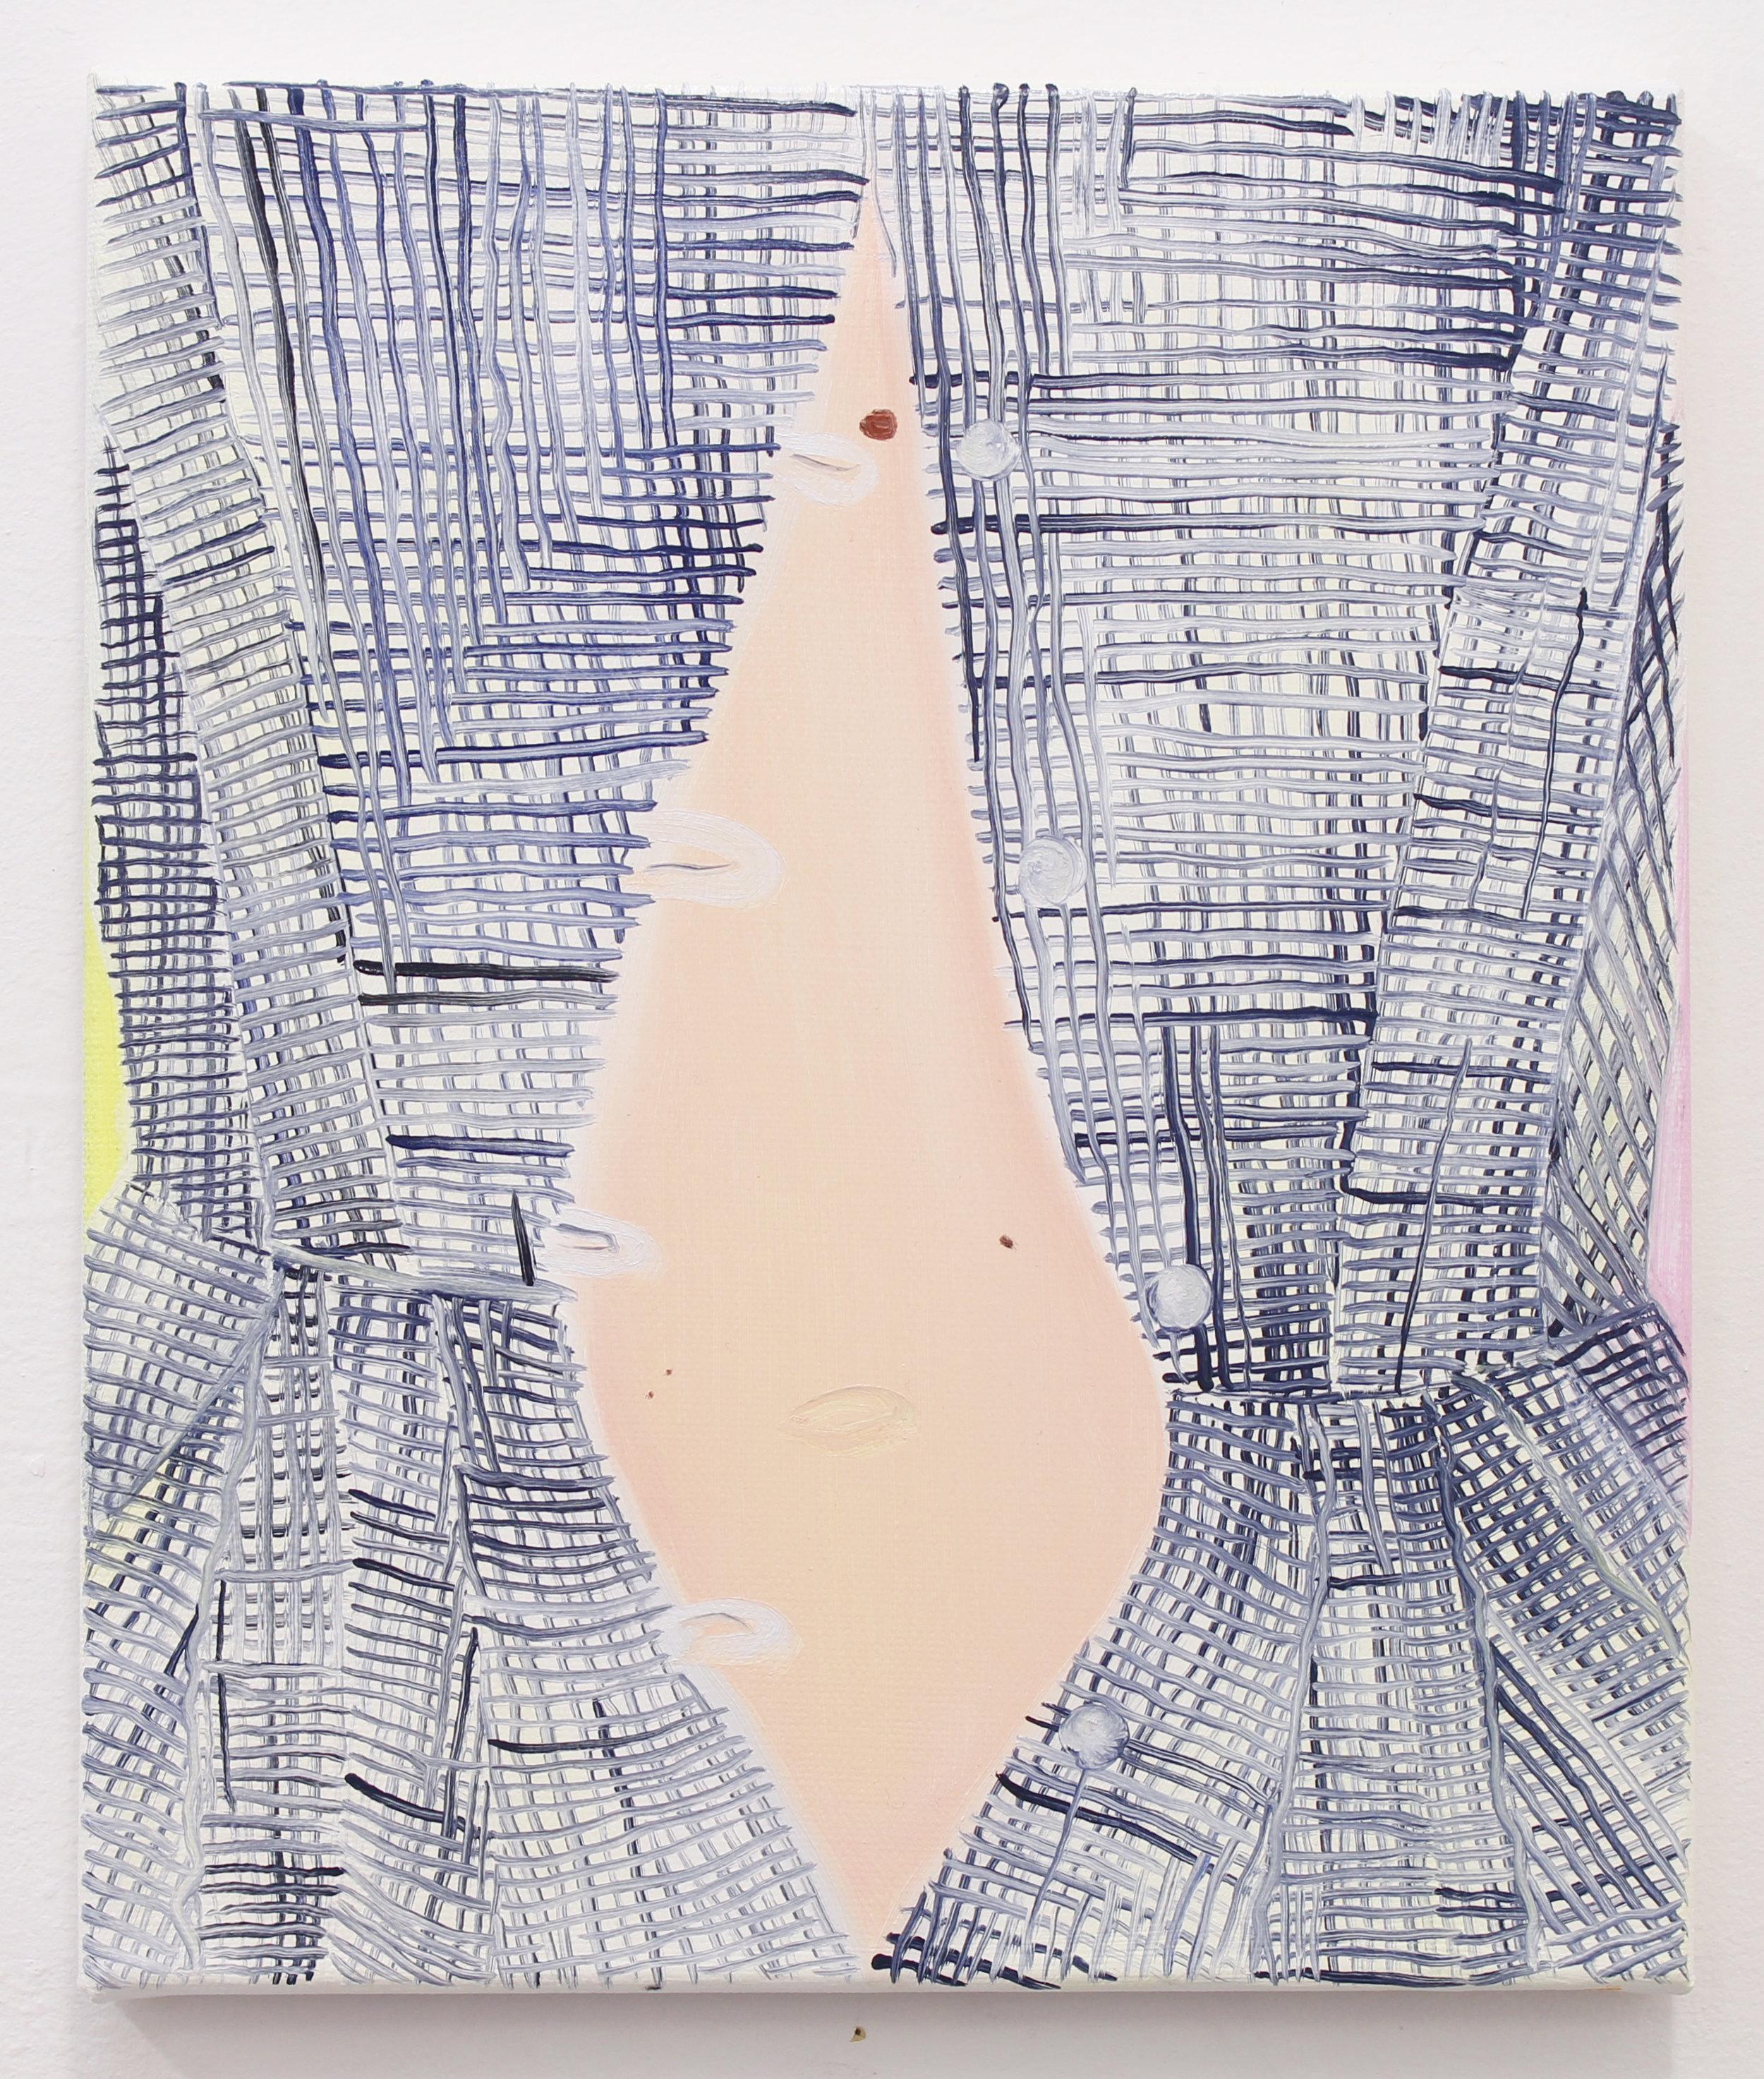 Navel gaze , oil on canvas, 30 x 25 cm, 2018